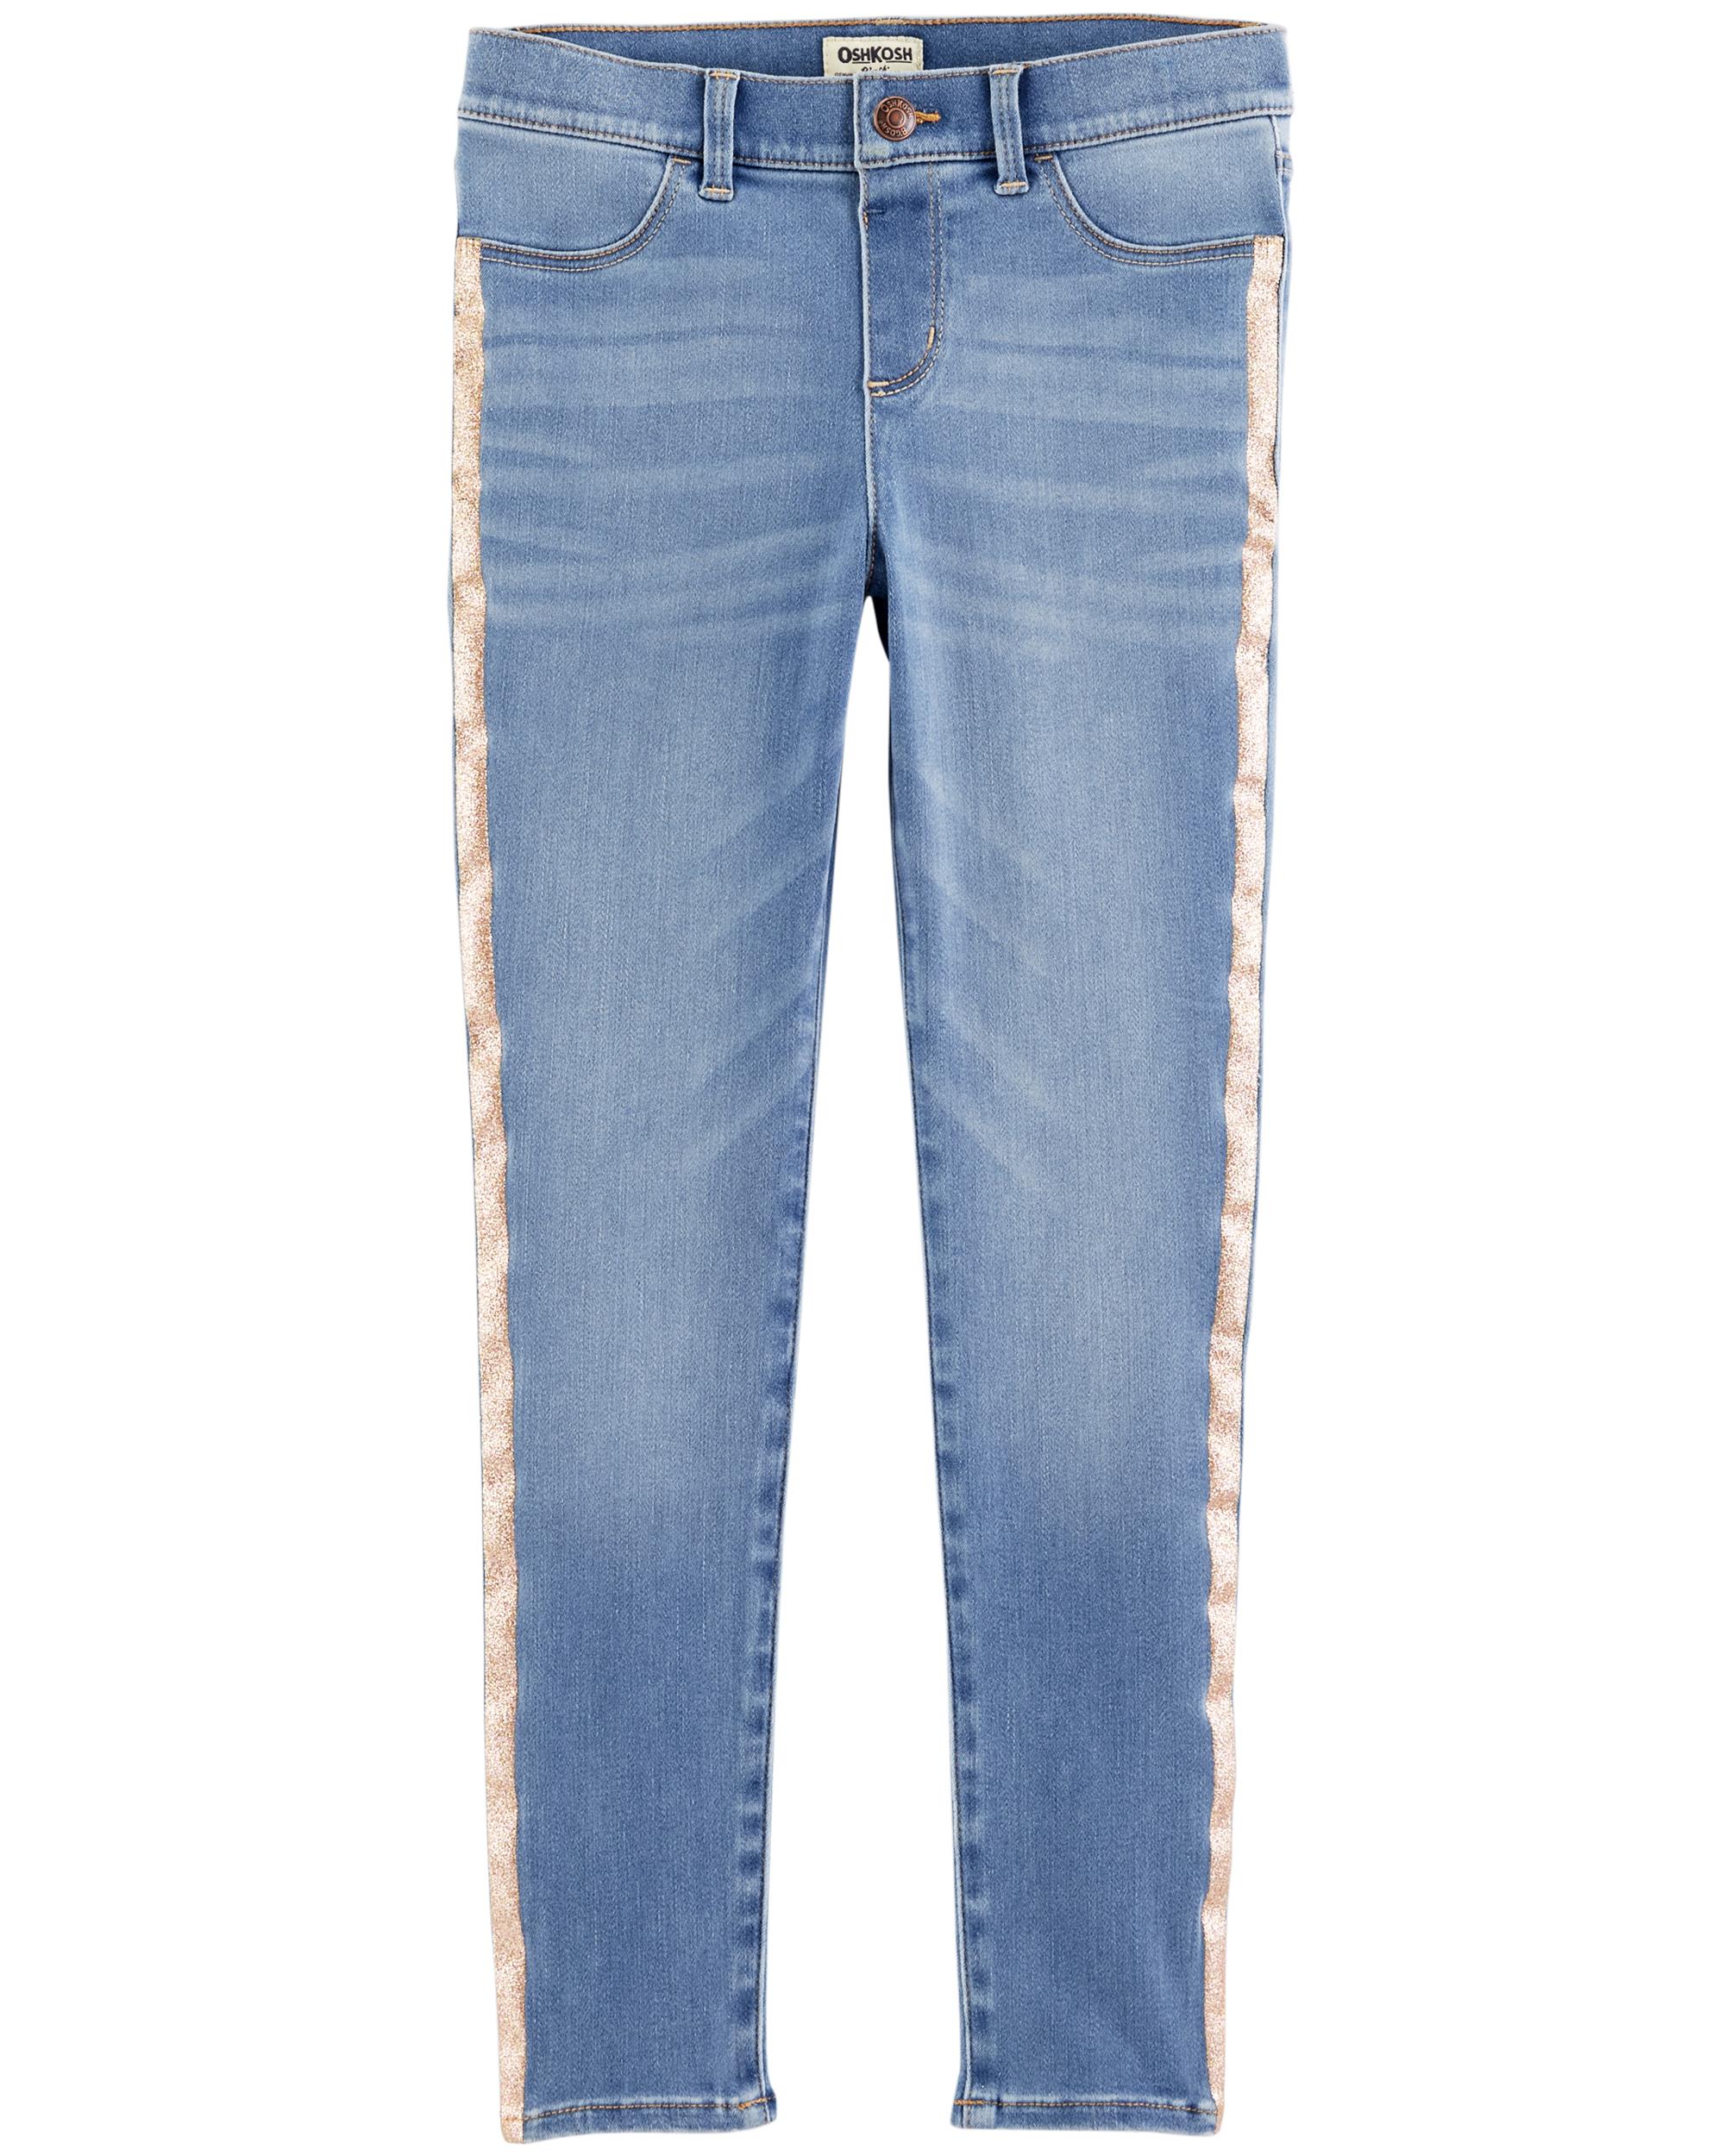 מכנס ג'ינס פס מנצנץ